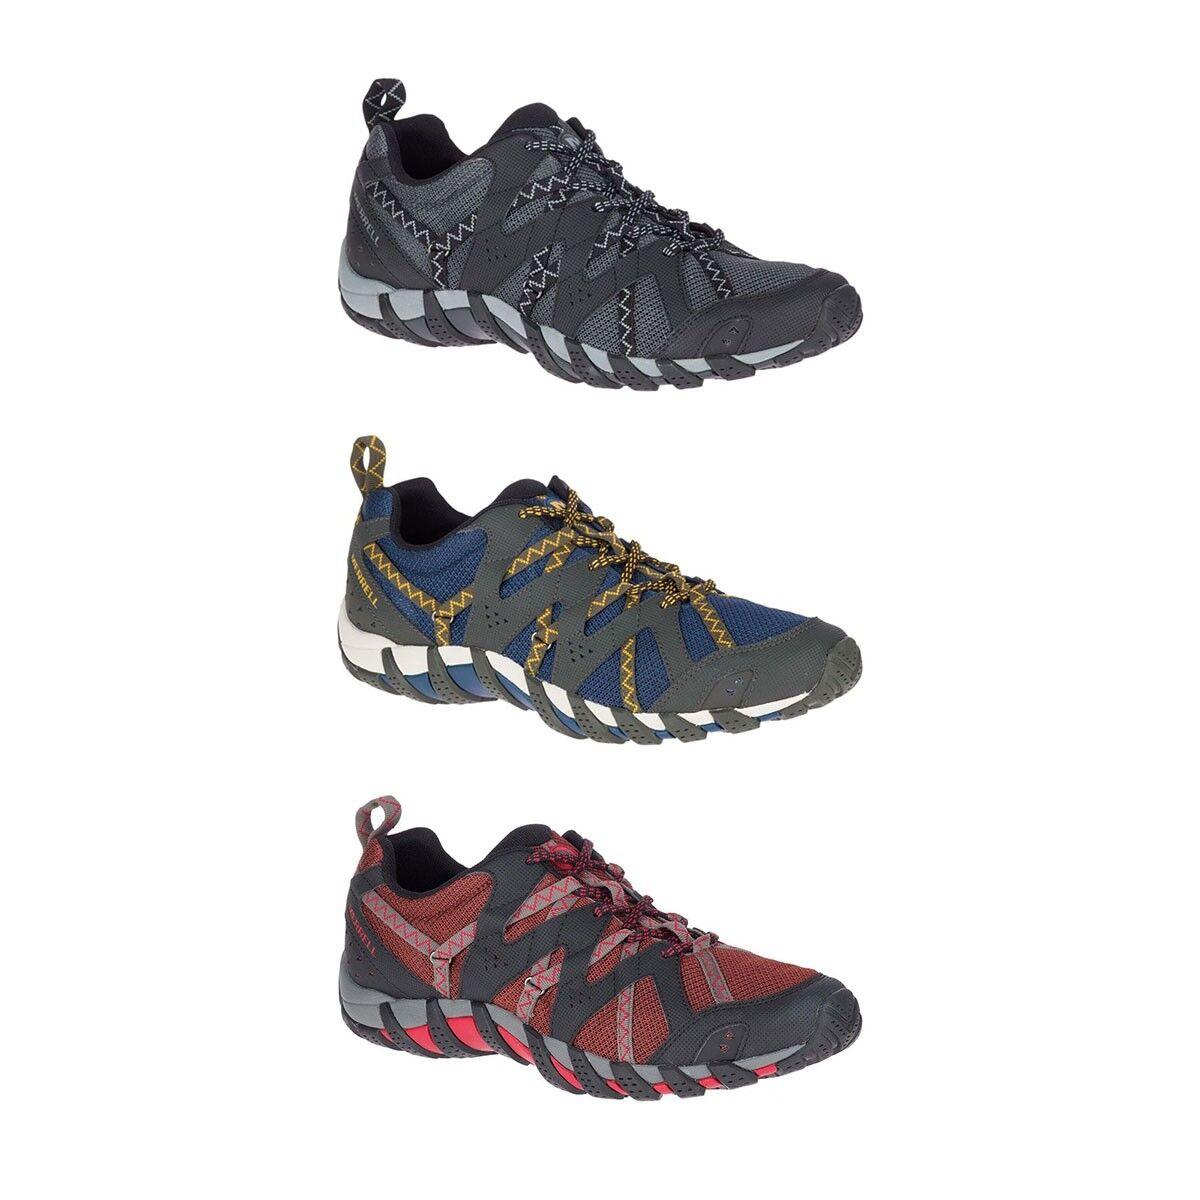 New Merrell Waterpro Maipo 2 Hombres Medio Senderismo Trail Zapatos Todos Los Colors Todos los Tamaños